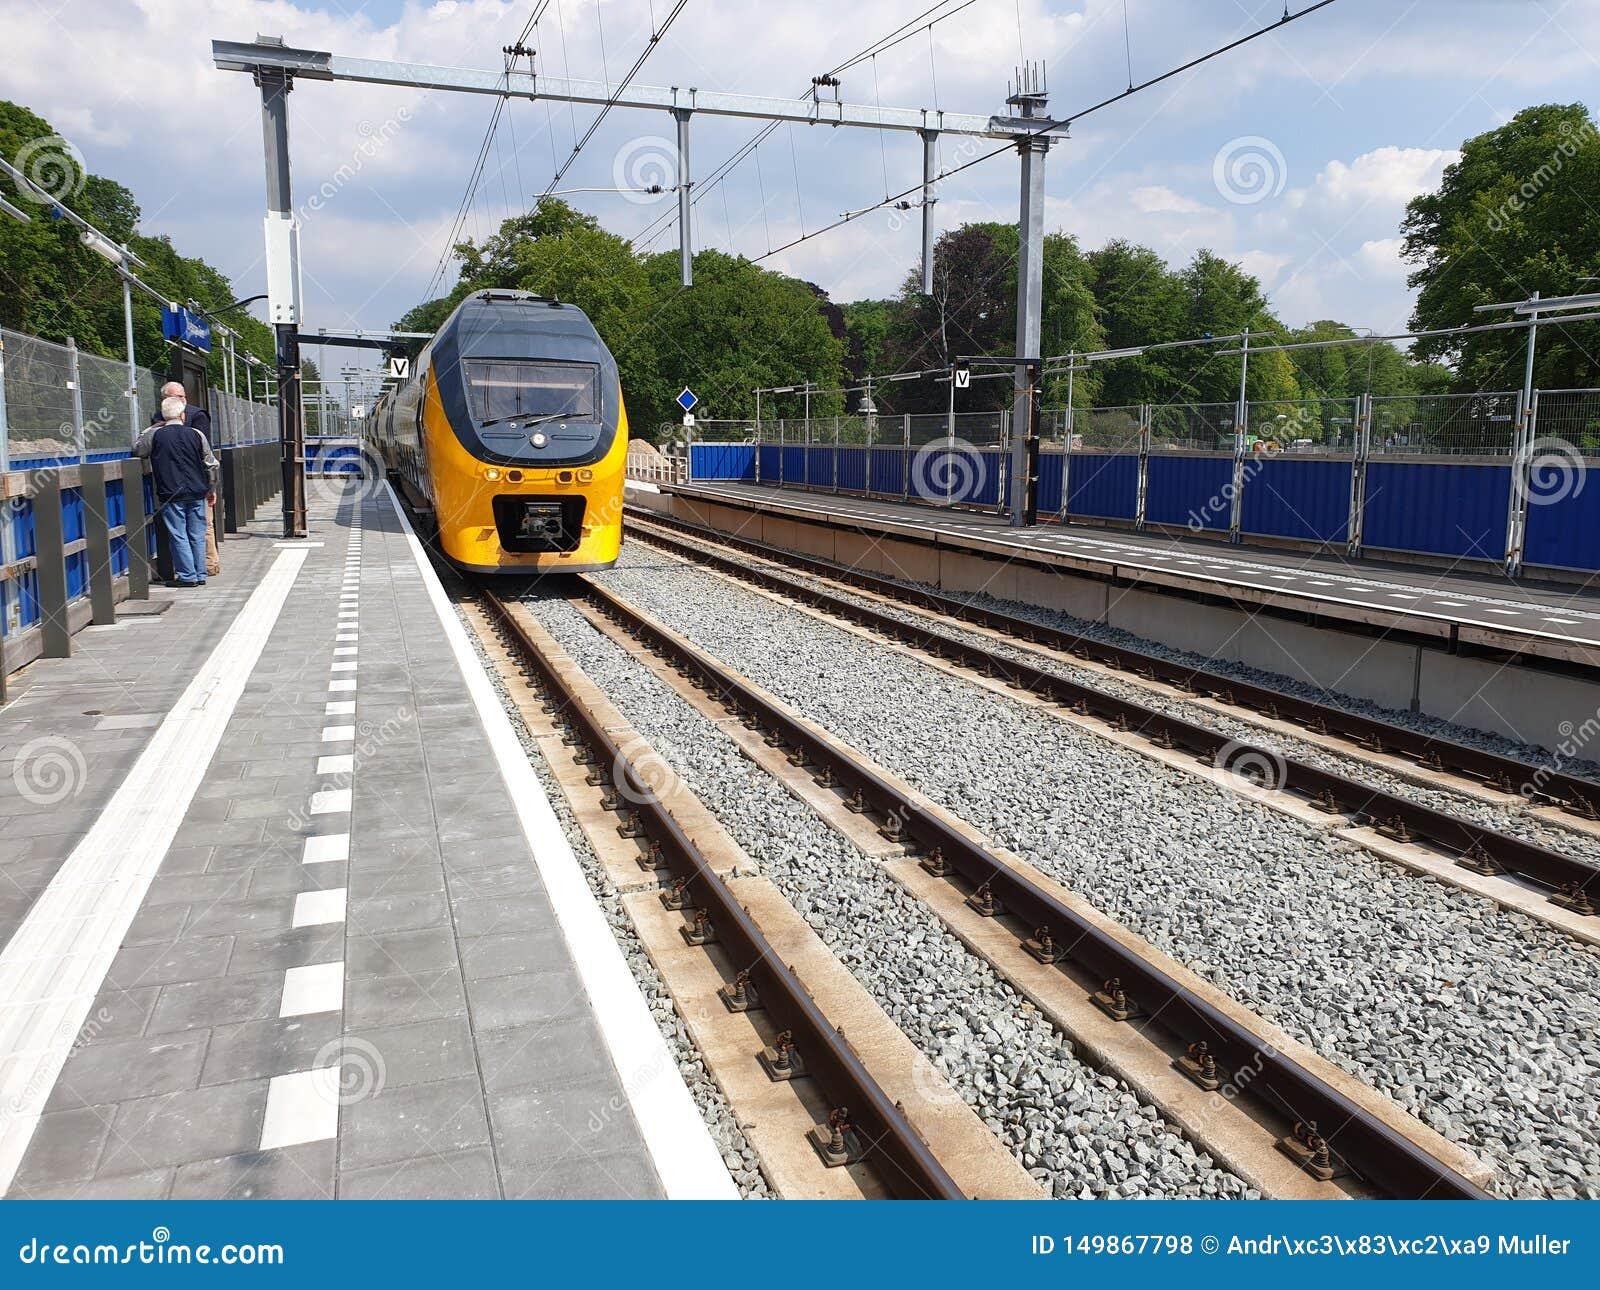 Vernieuwing van het station Driebergen Zeist in Nederland met ondergrondse weg en uitbreiding aan 4 sporen